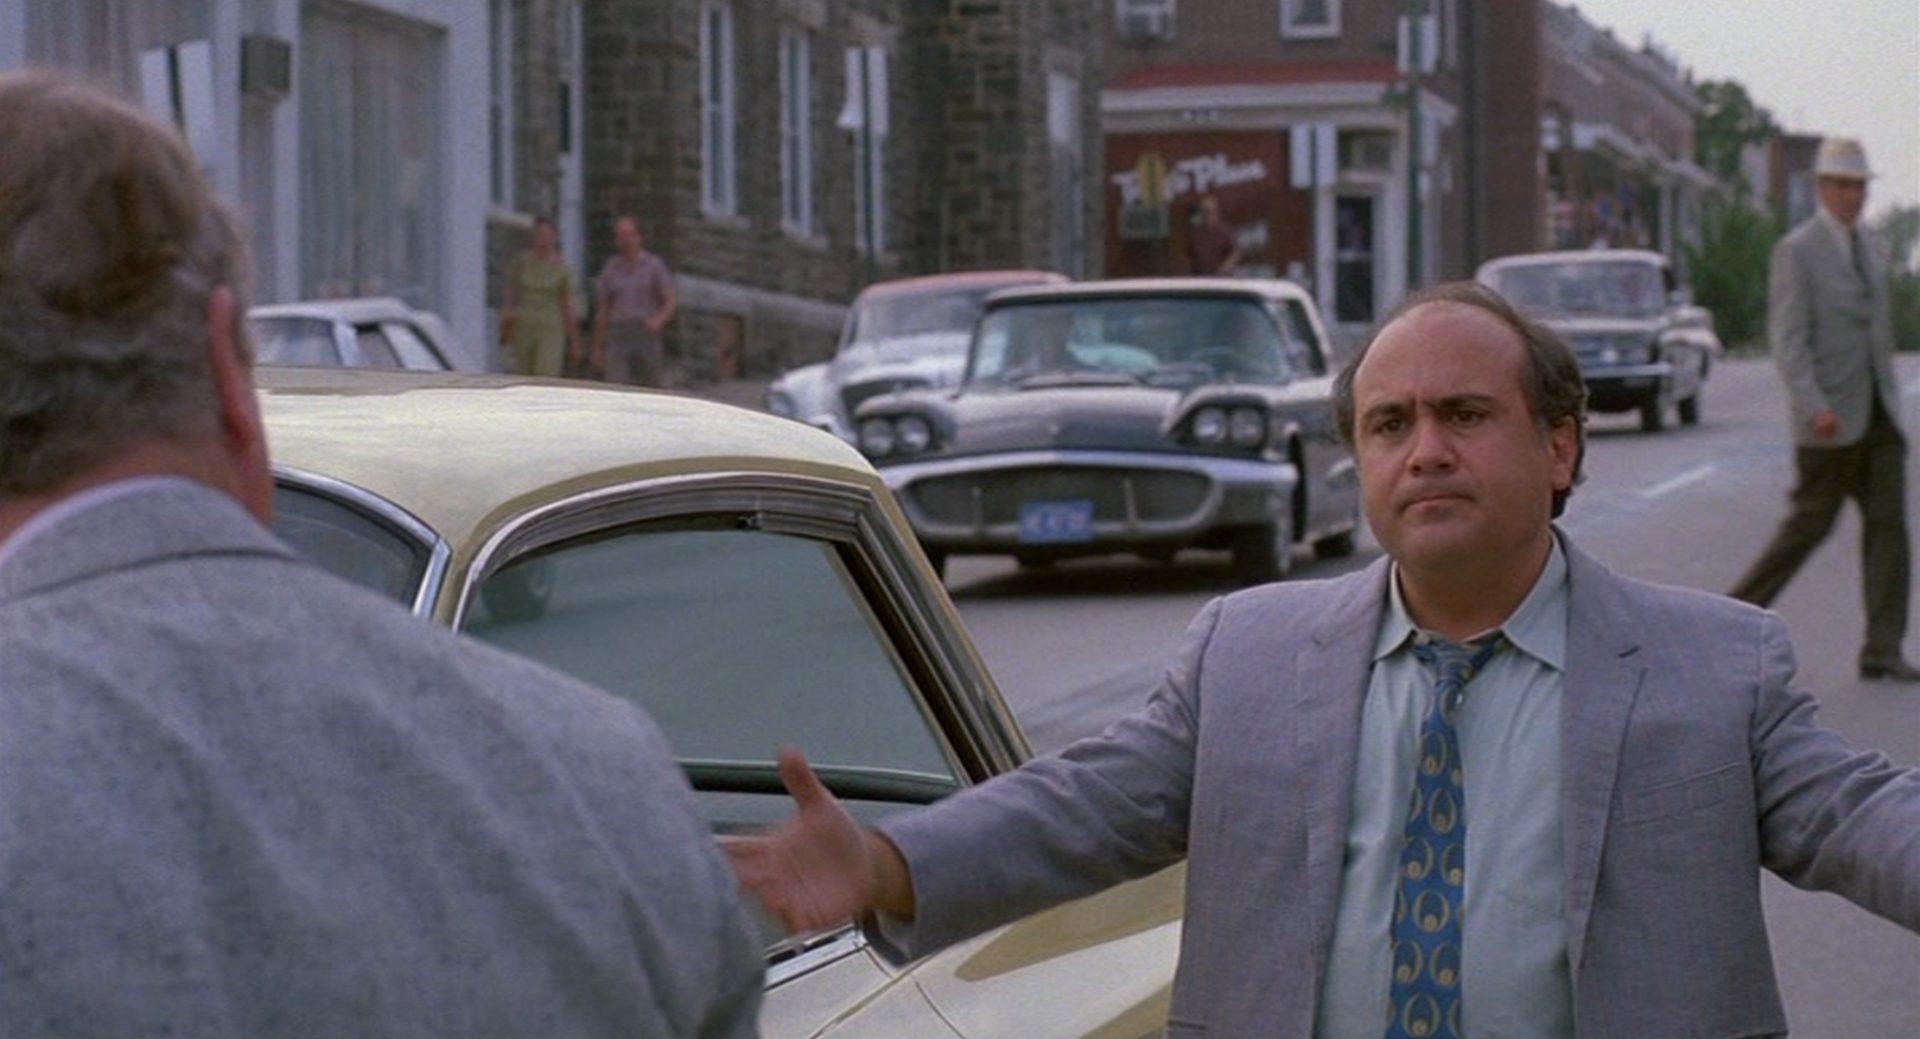 Danny DeVito als Ernest Tilley mit ernster Miene am Straßenrand.